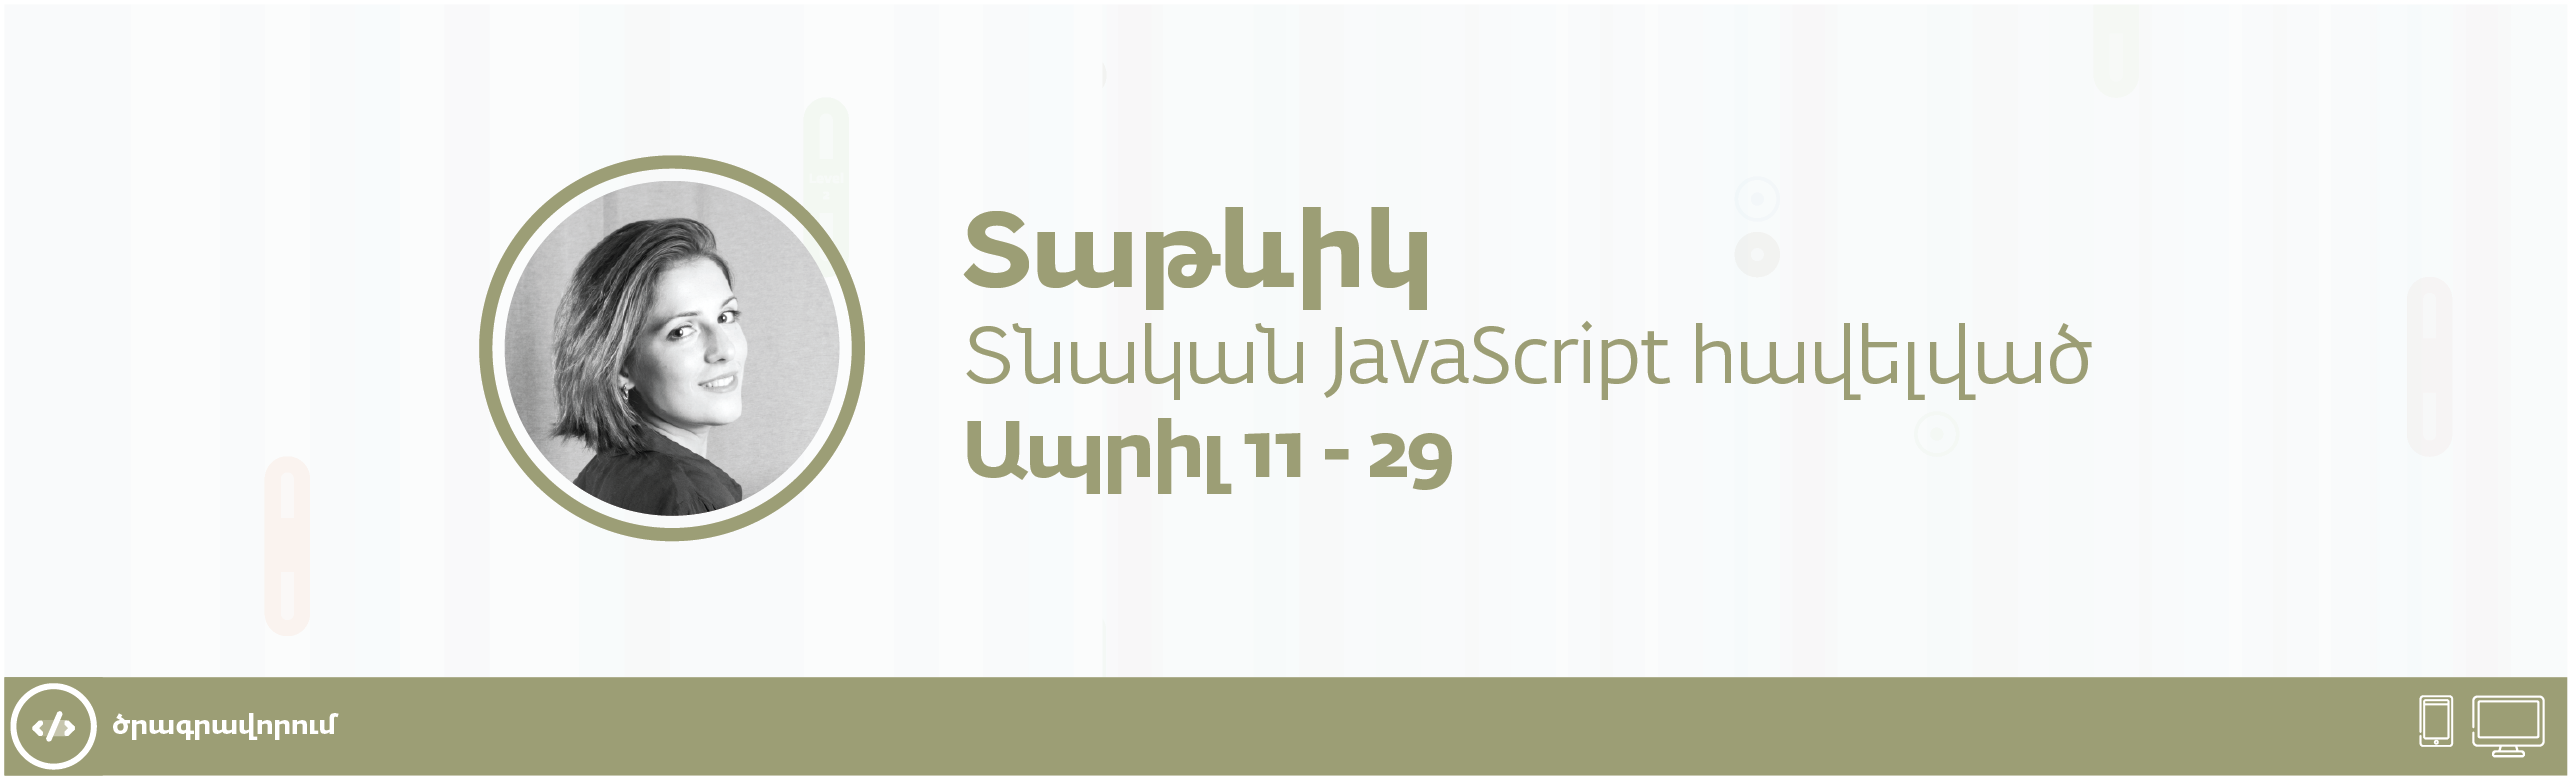 each page 14 - Տնական JavaScript հավելված